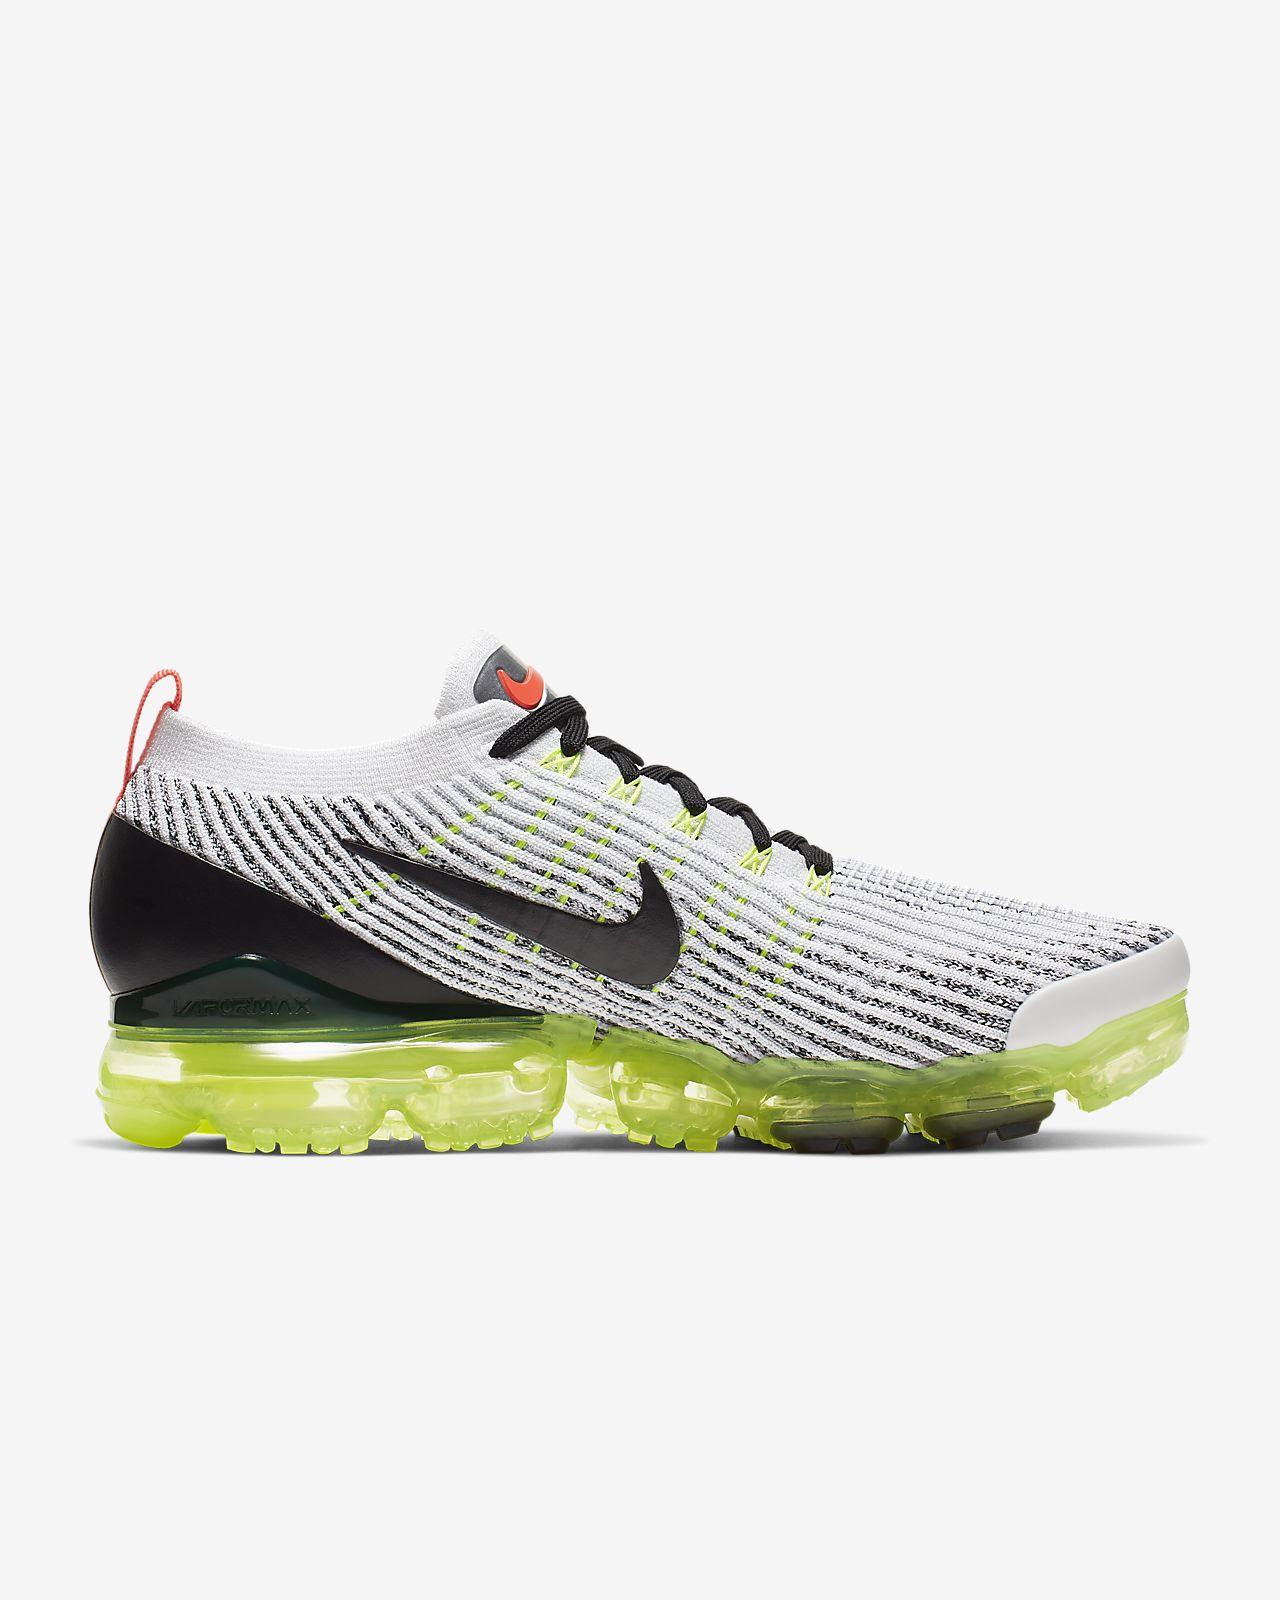 c0643940700 Nike Air VaporMax Flyknit 3 Men s Shoe. Nike.com